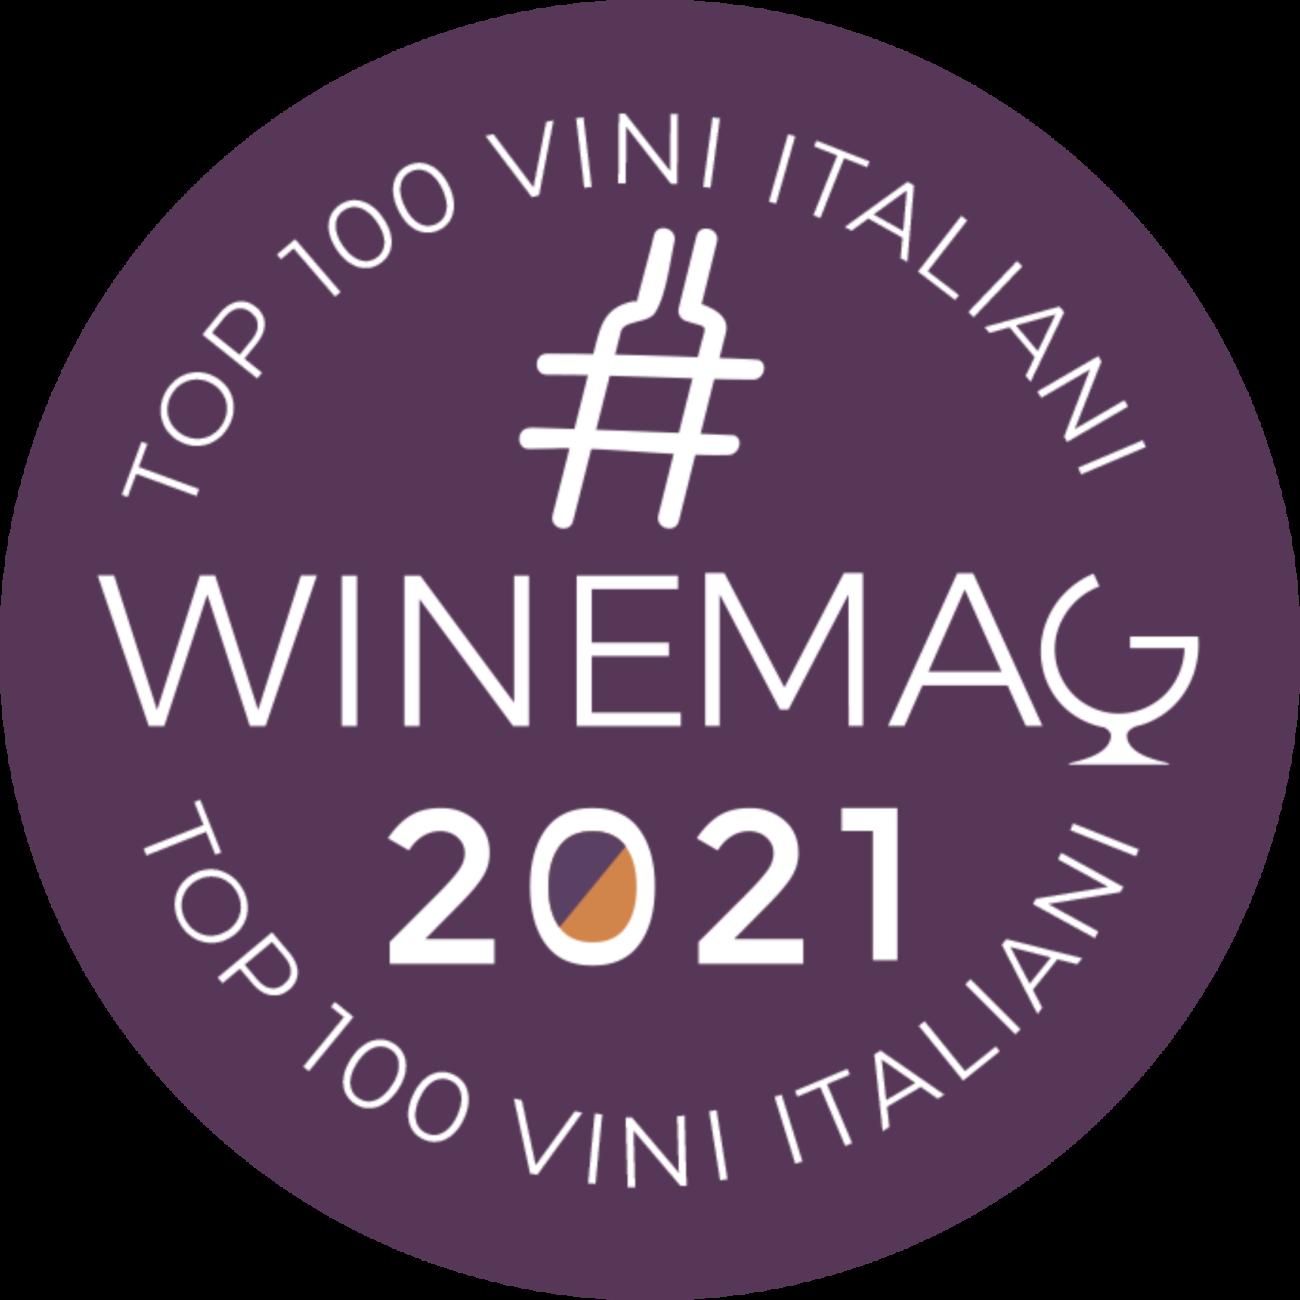 I migliori vini della Sardegna secondo la guida Gambero Rosso con i Tre bicchieri